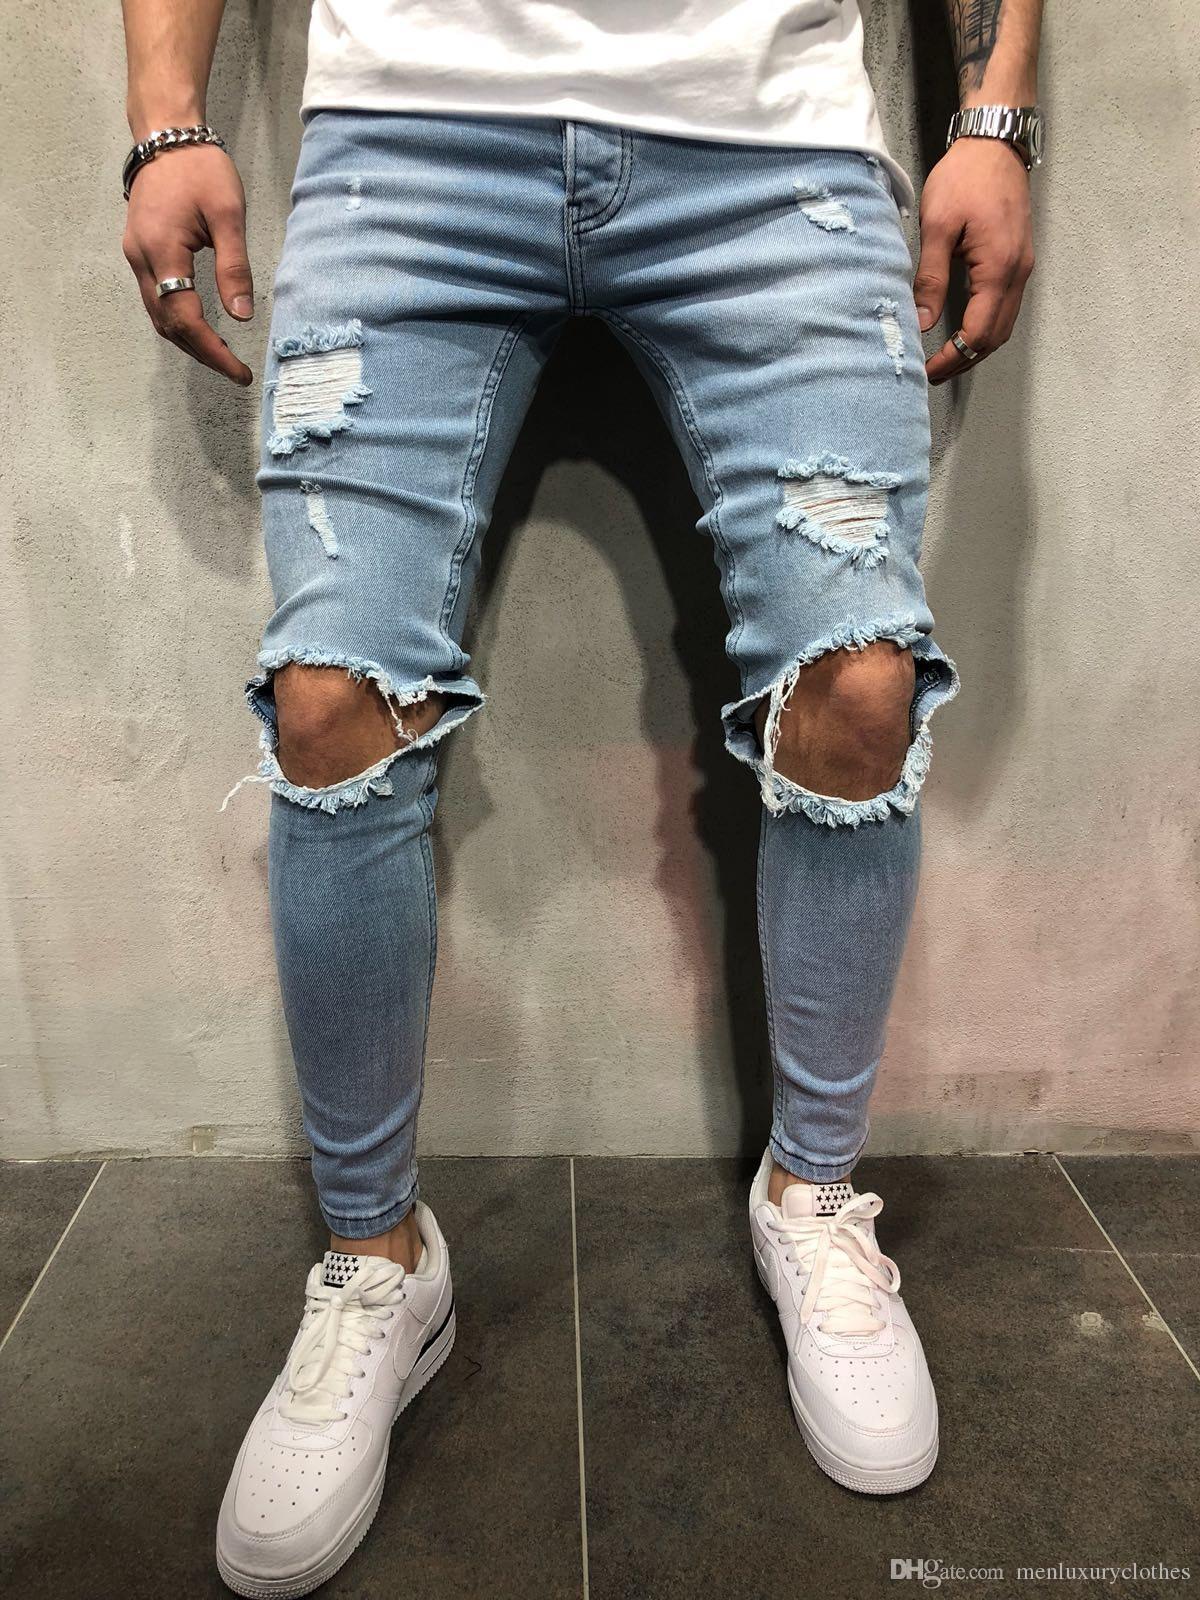 Oi Street Skate Buracos Designer Jeans Mens Slim Fit Adolescente Menino Hiphop Rasgado Calças de Jean